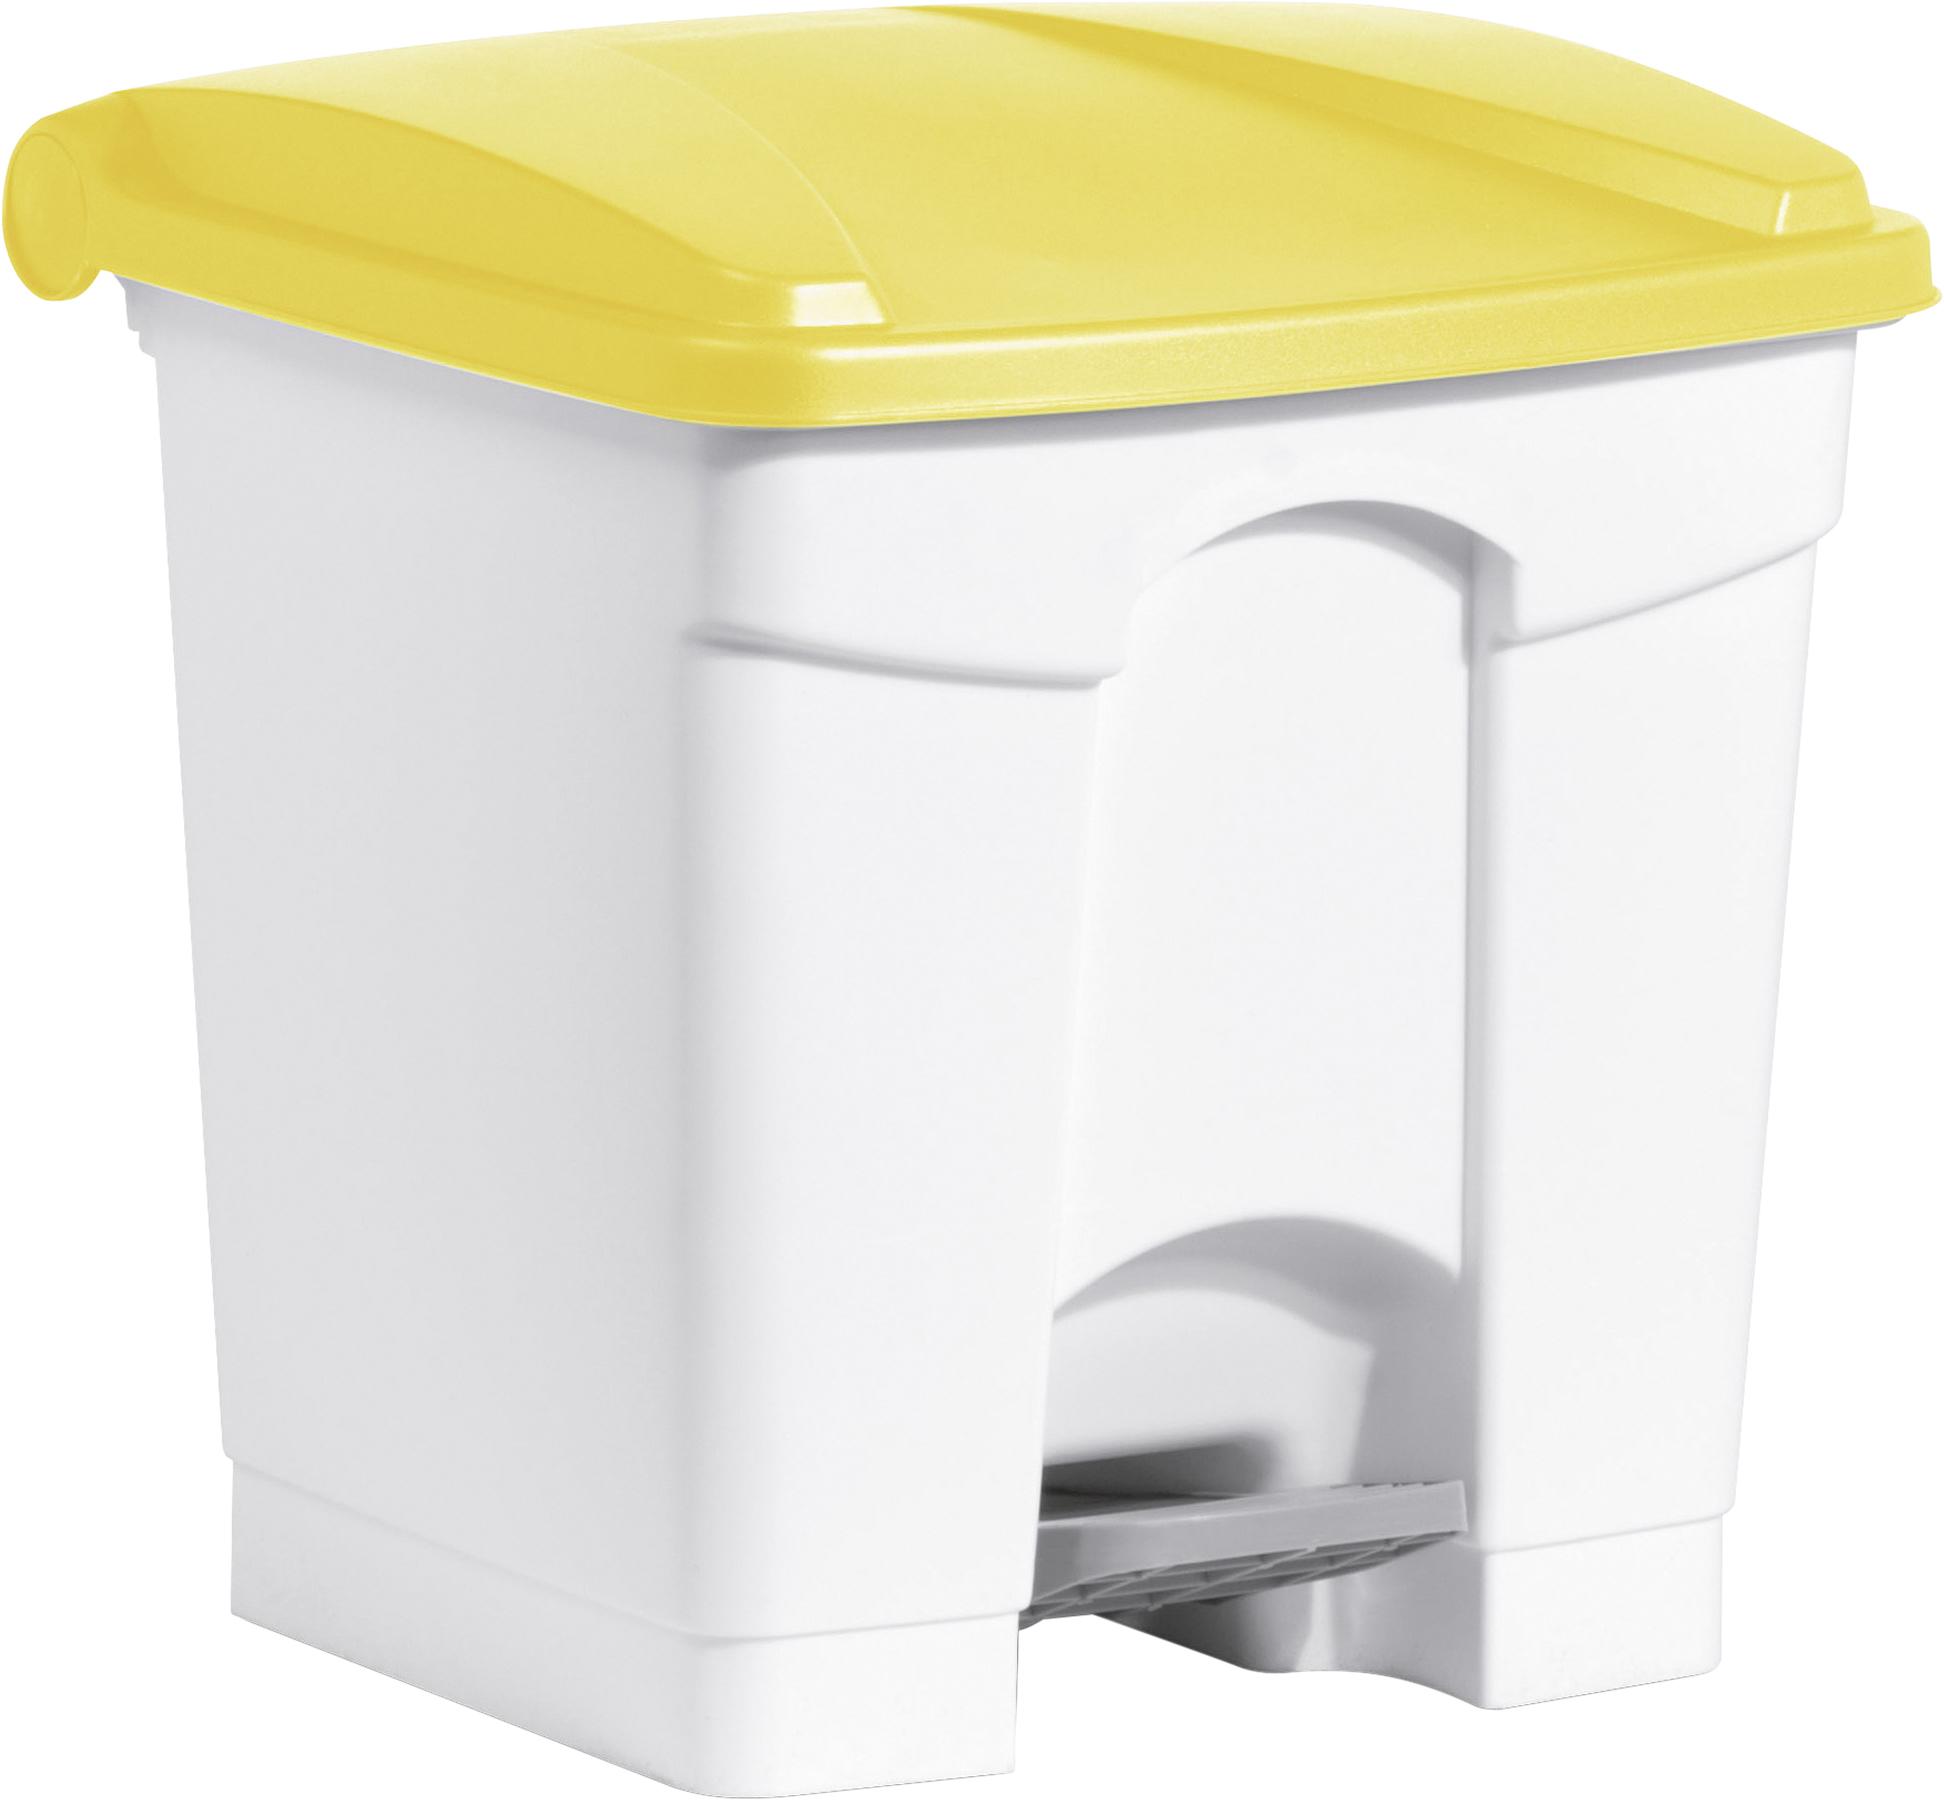 Tret-Abfallbehälter mit gelbem Deckel und 30 Liter Fassungsvermögen